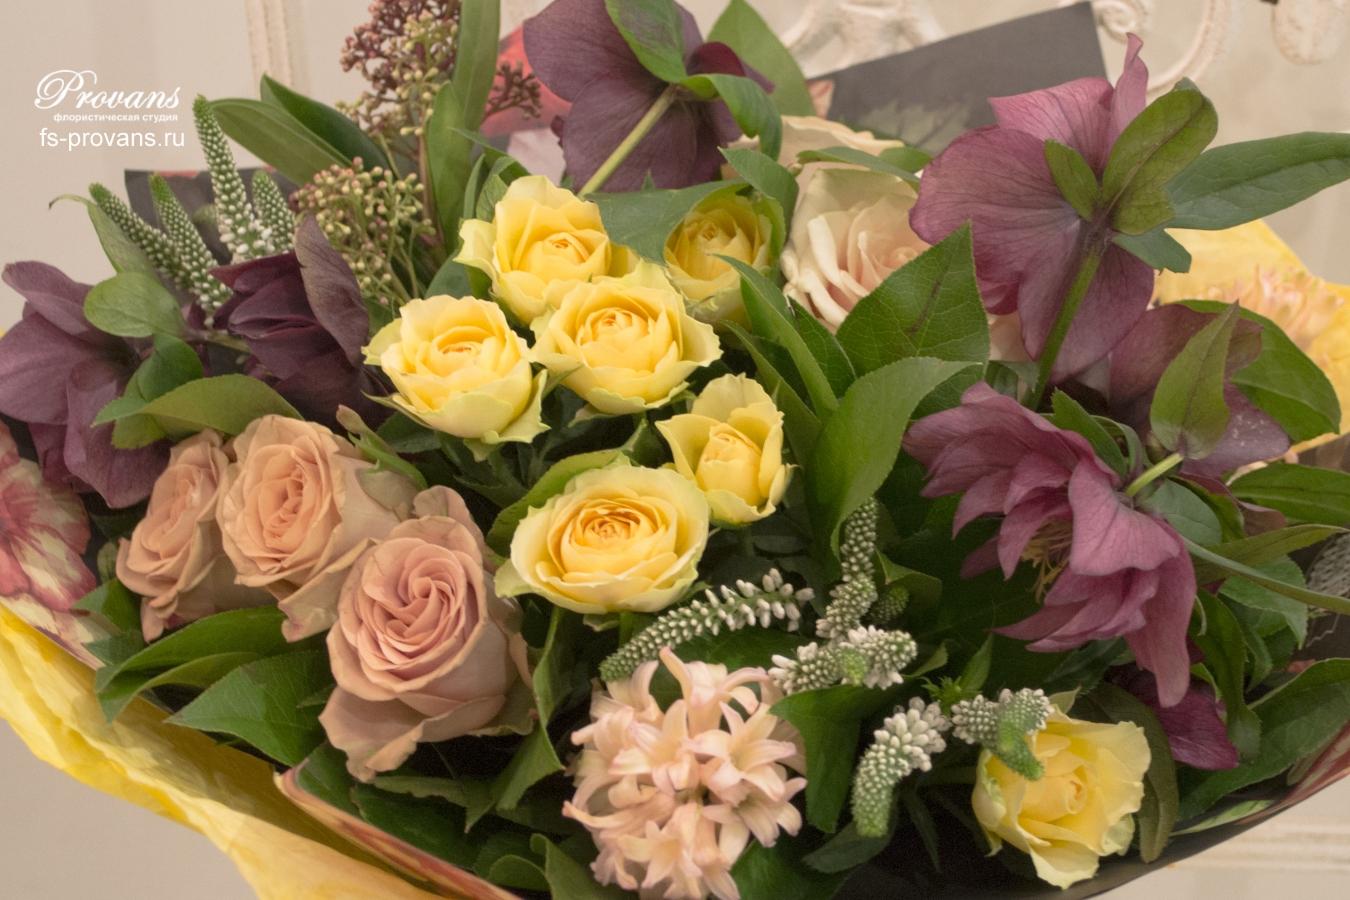 Букет на день рождения. Розы, хелеборус, гиацинты